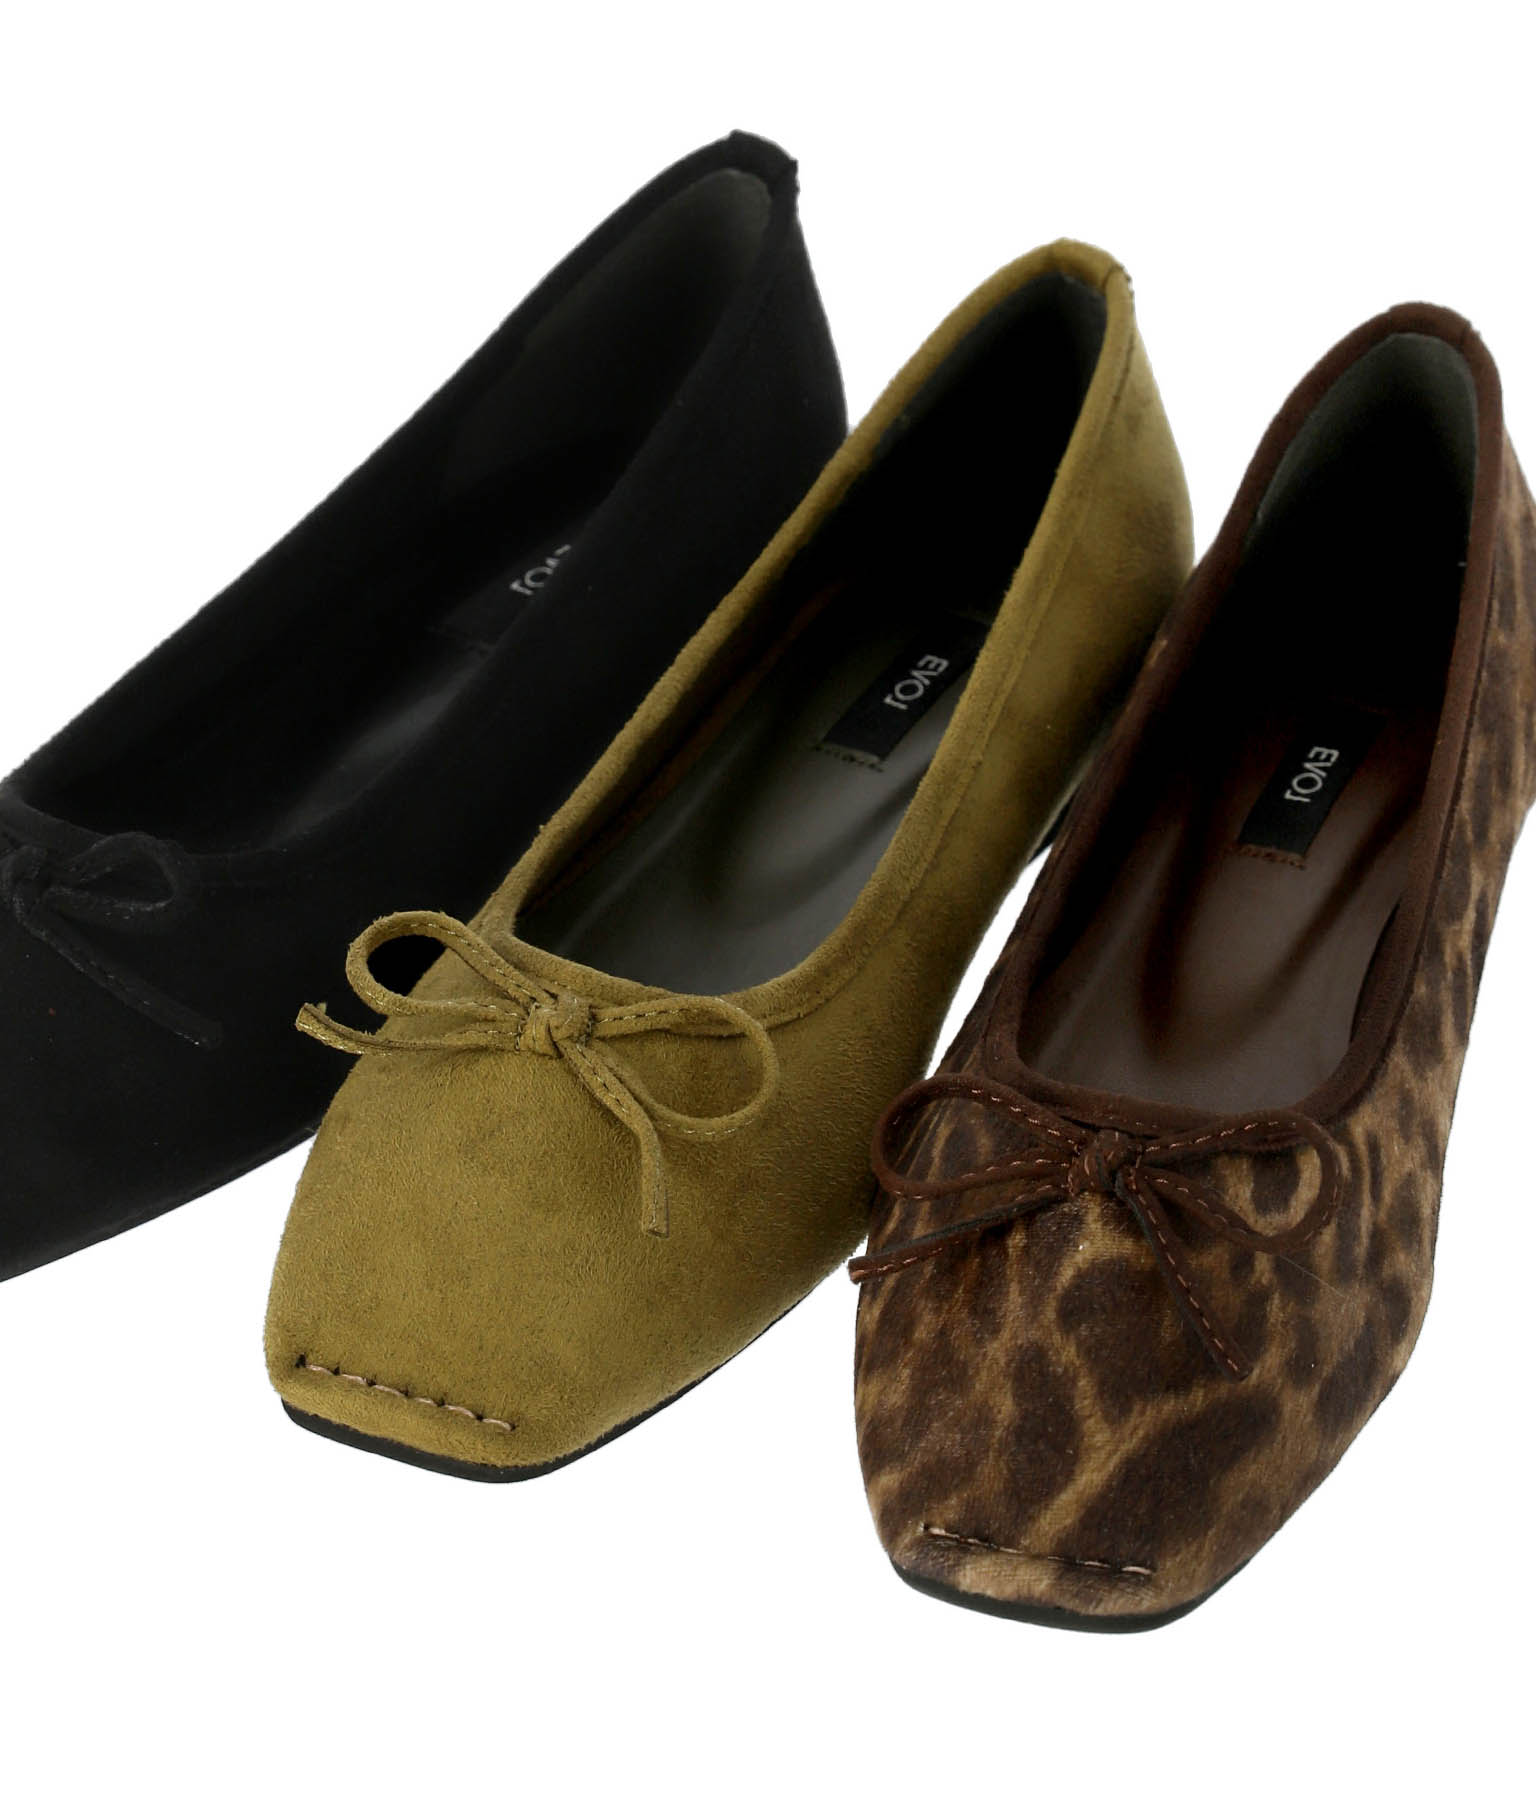 スクエアバレエシューズ(シューズ・靴/パンプス) | Alluge